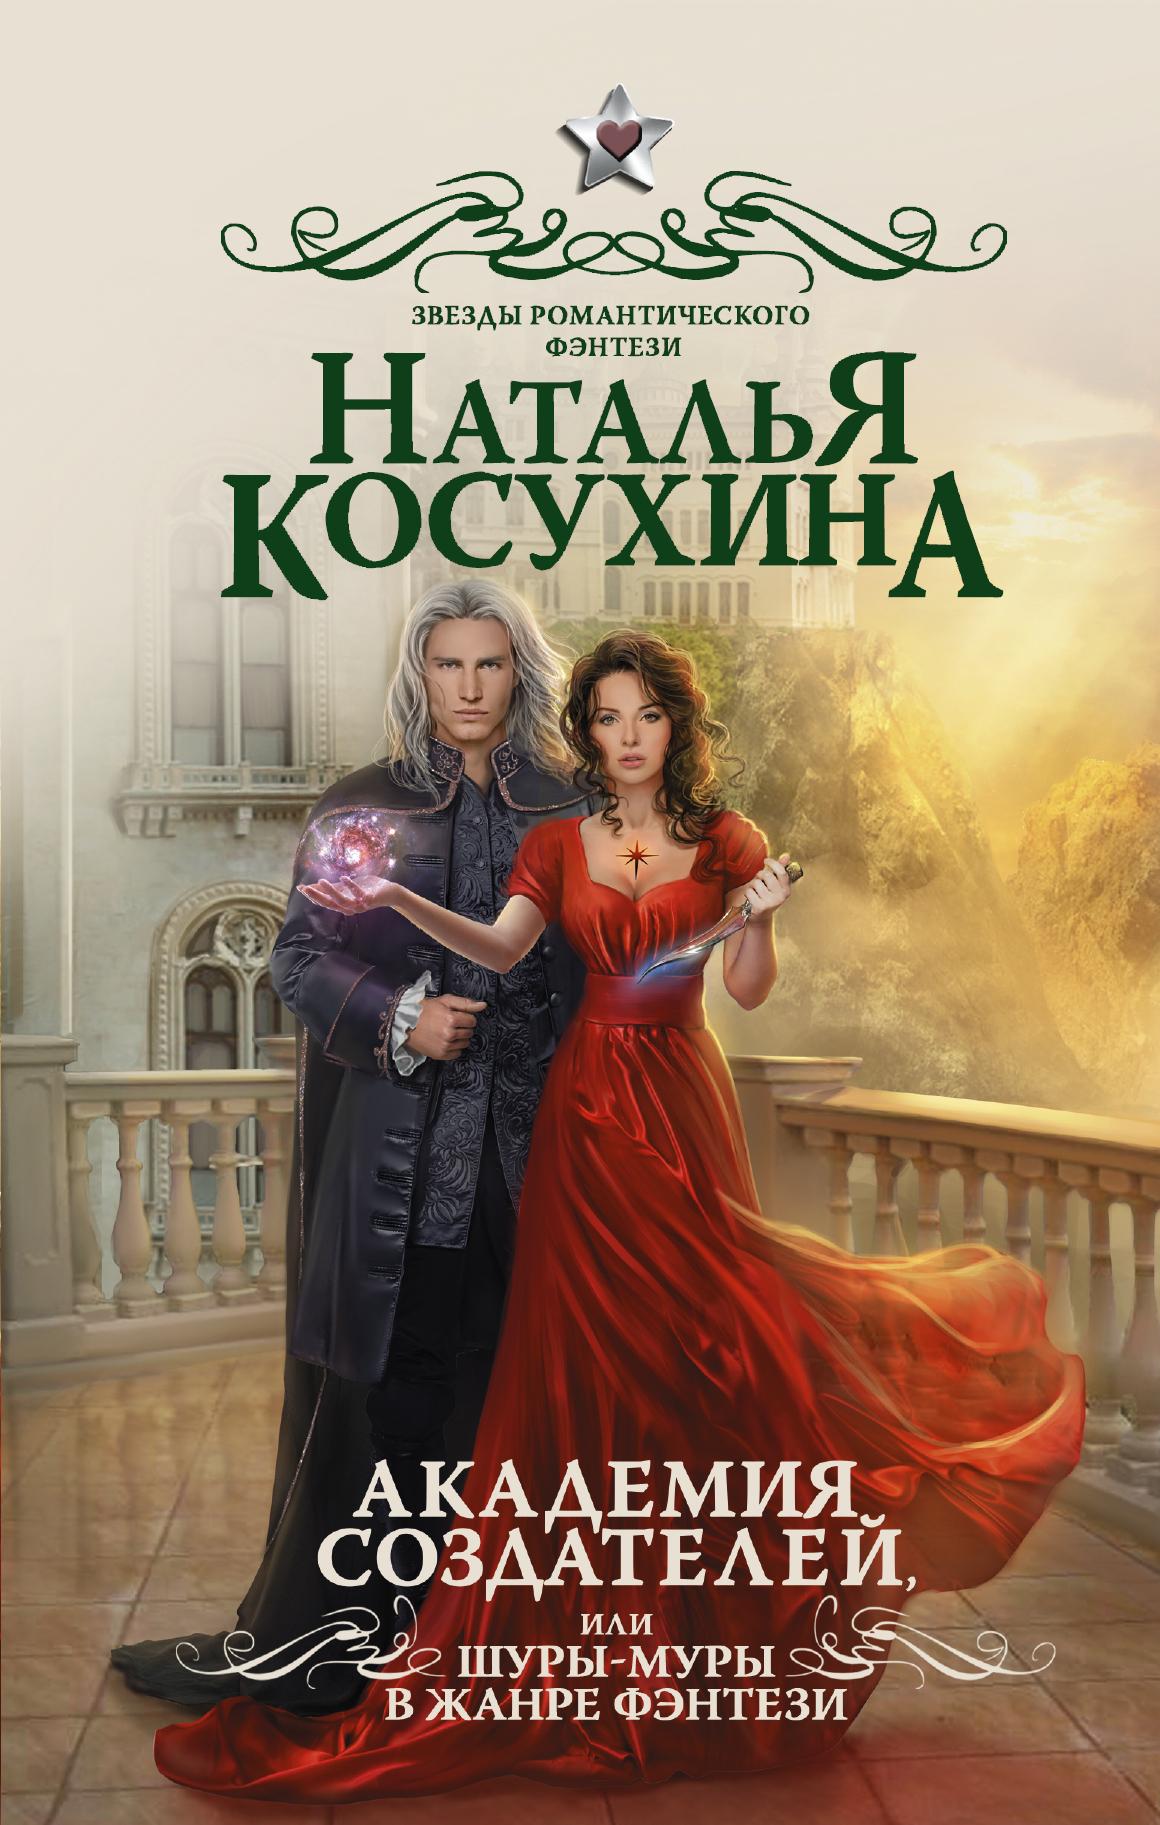 Академия создателей, или Шуры-муры в жанре фэнтези ( Косухина Н.В.  )